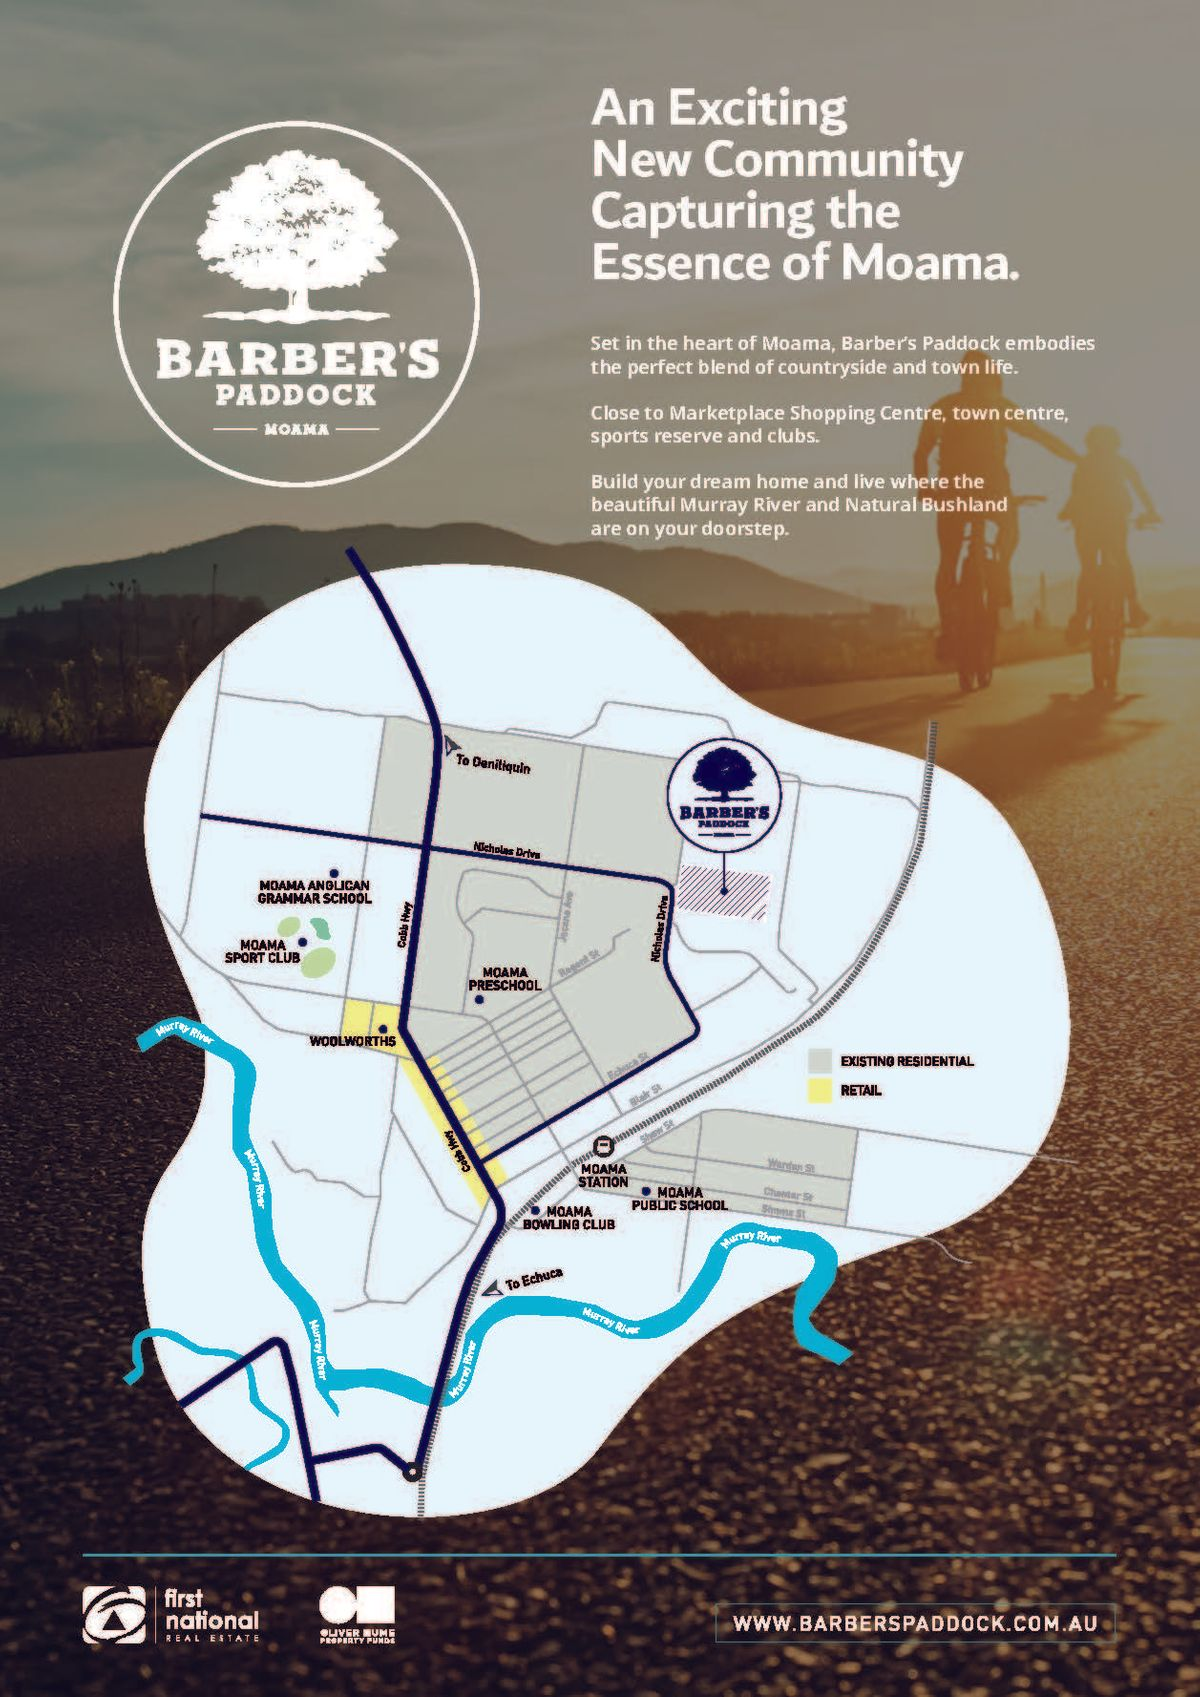 Lot Lot 122 Barber's Paddock, Emmylou Place, Moama, NSW 2731